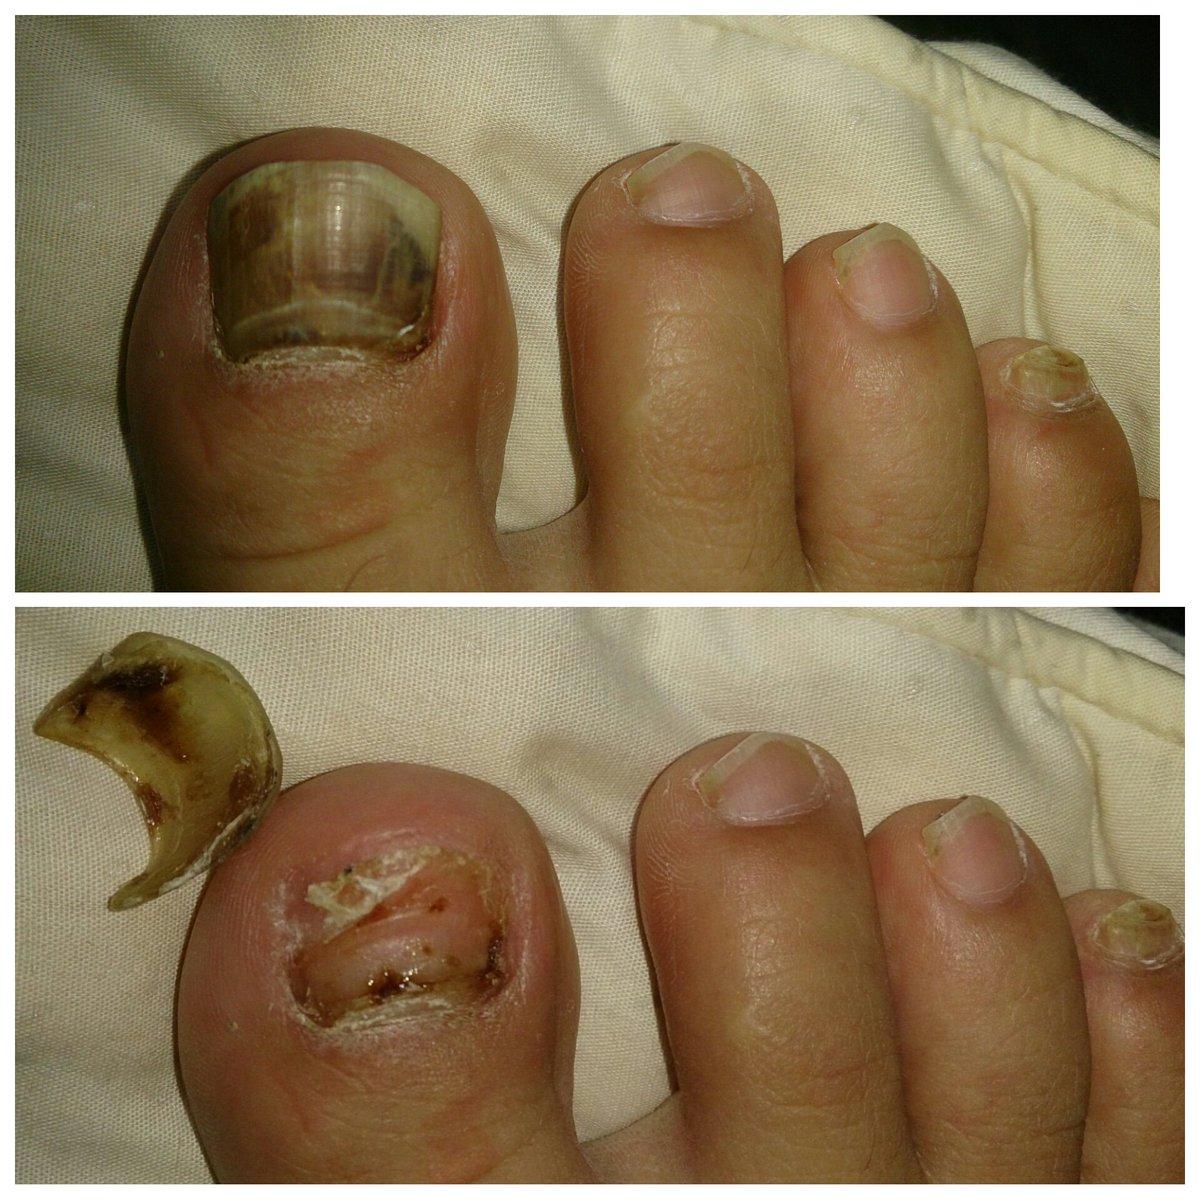 爪 内出血 剥がれる 爪をケガしたら内出血が!変色・はがれたときの治療と対処法は?